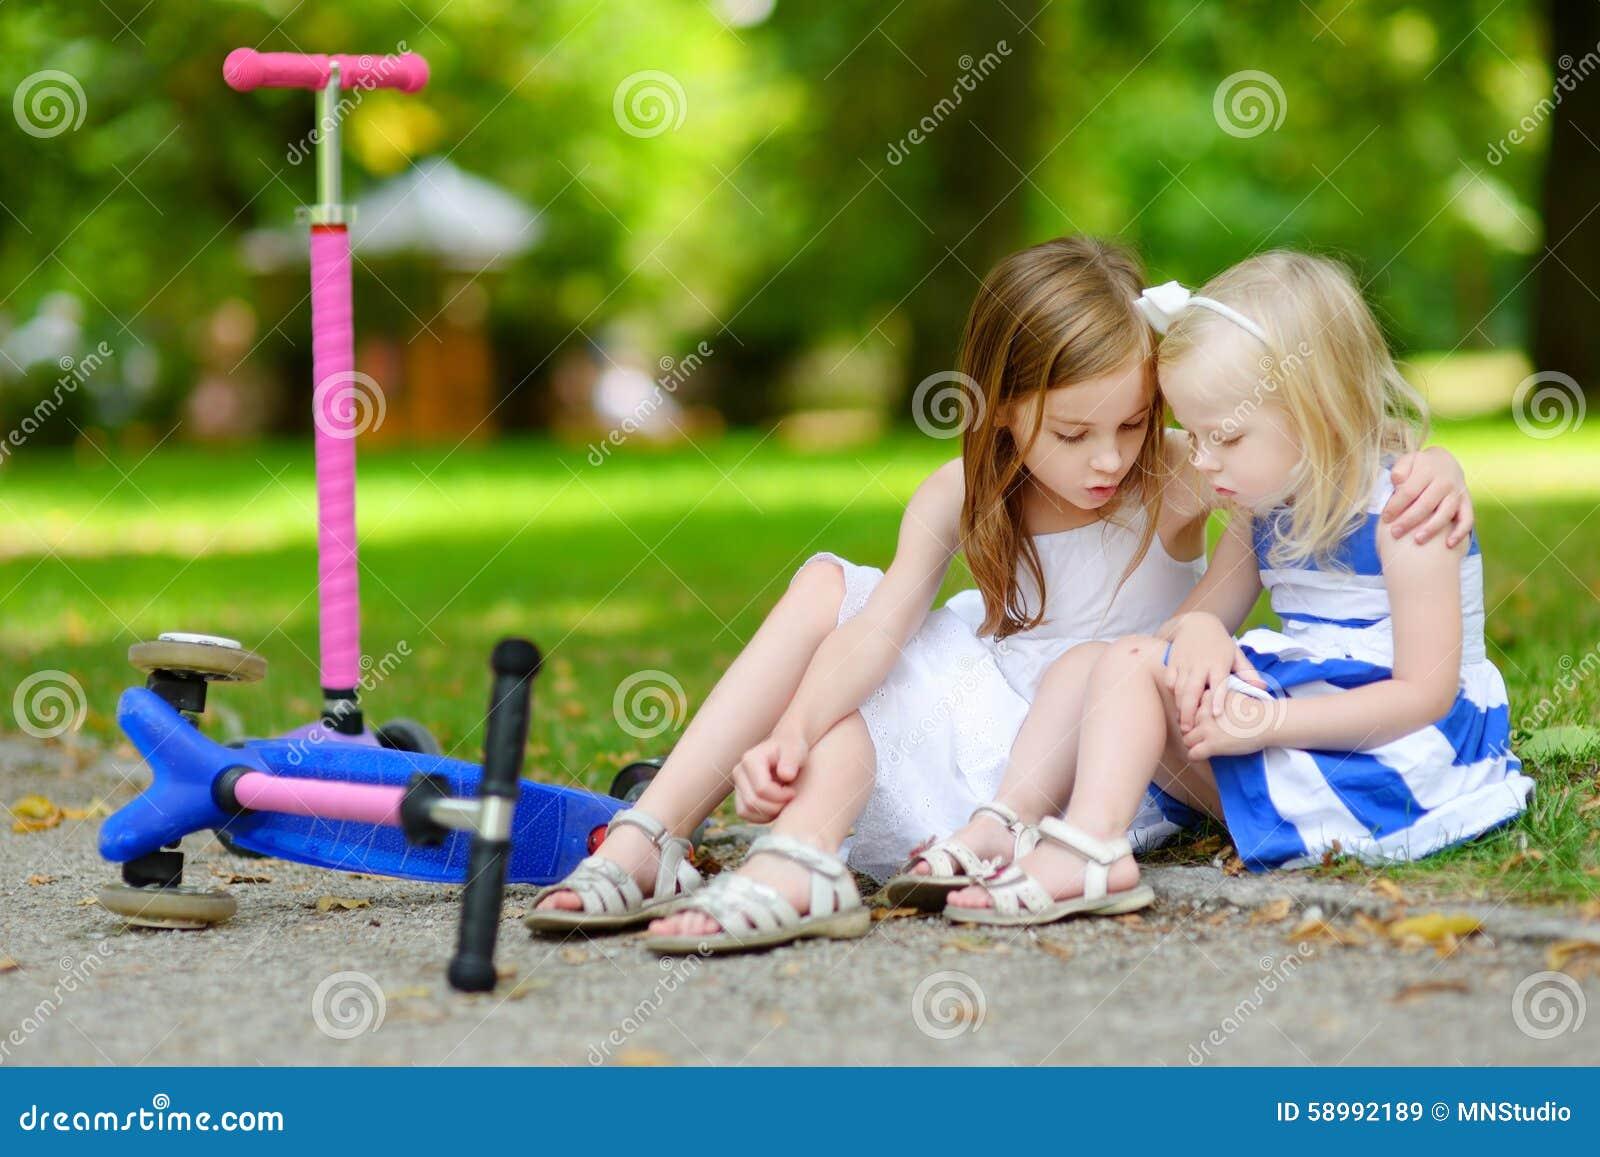 Girl dating her sister